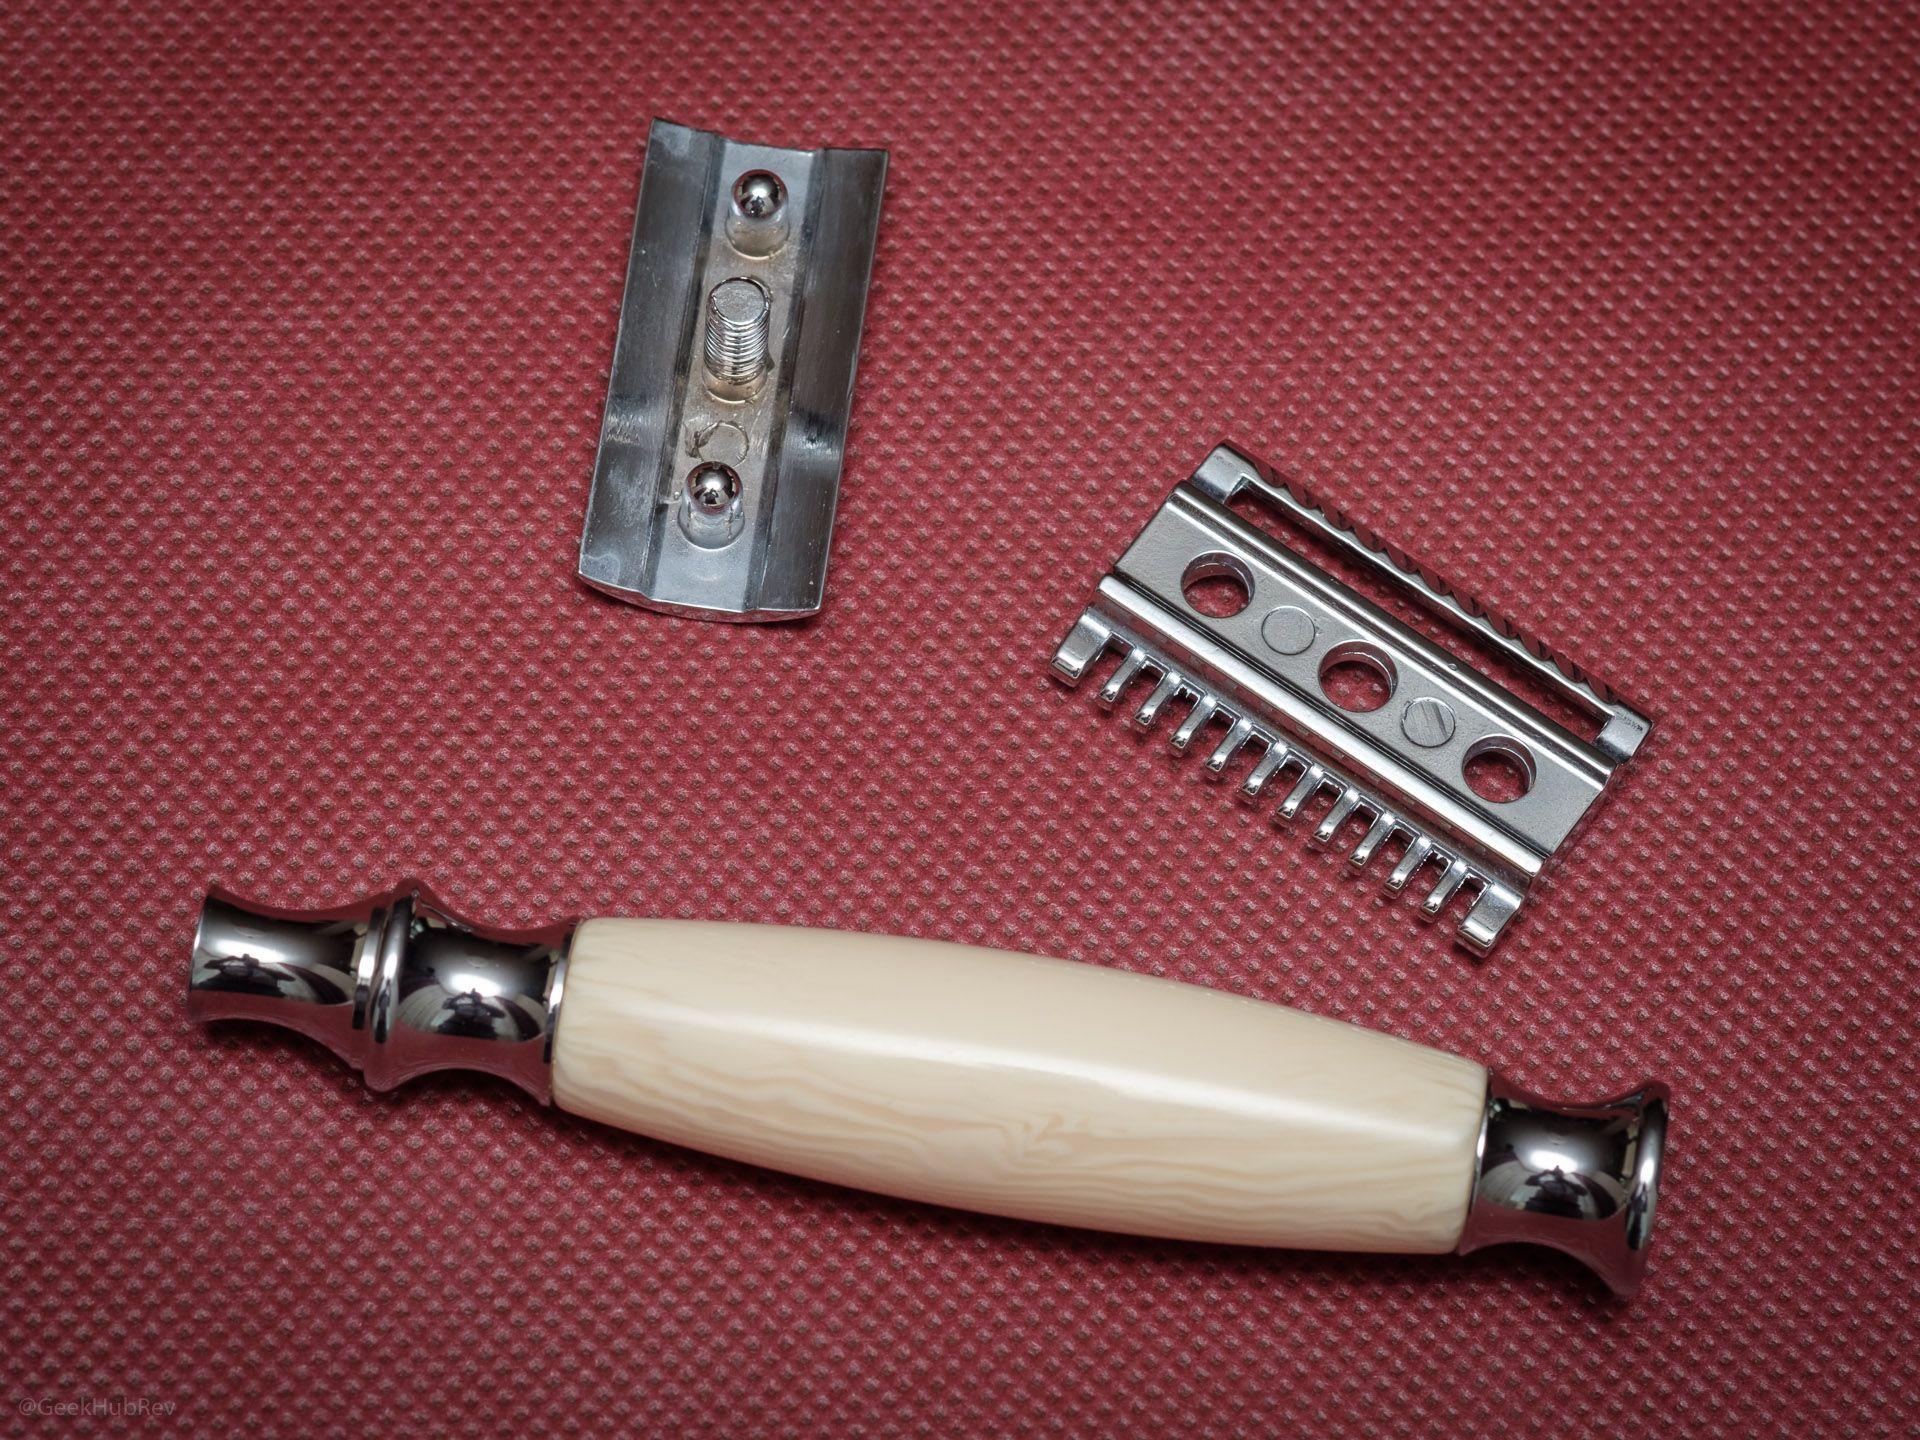 Maszynka do golenia na żyletki Vigshaving DERZ04BL Safety Razor